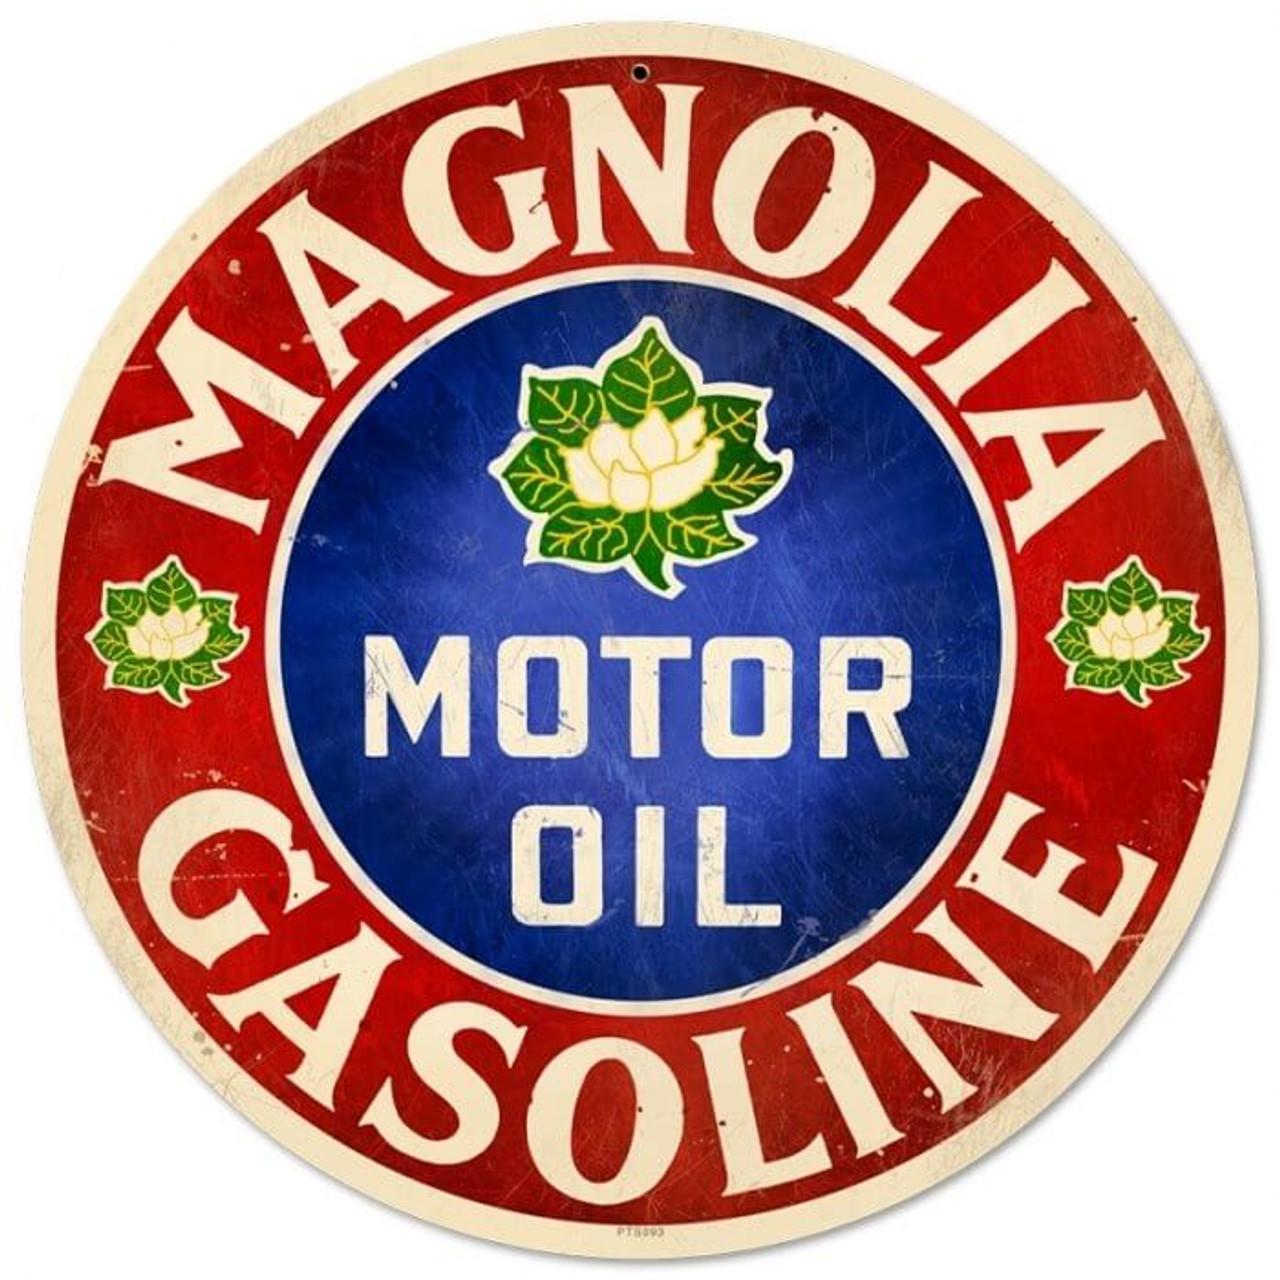 Retro Magnolia Motor Oil Round Metal Sign 14 x 14 Inches